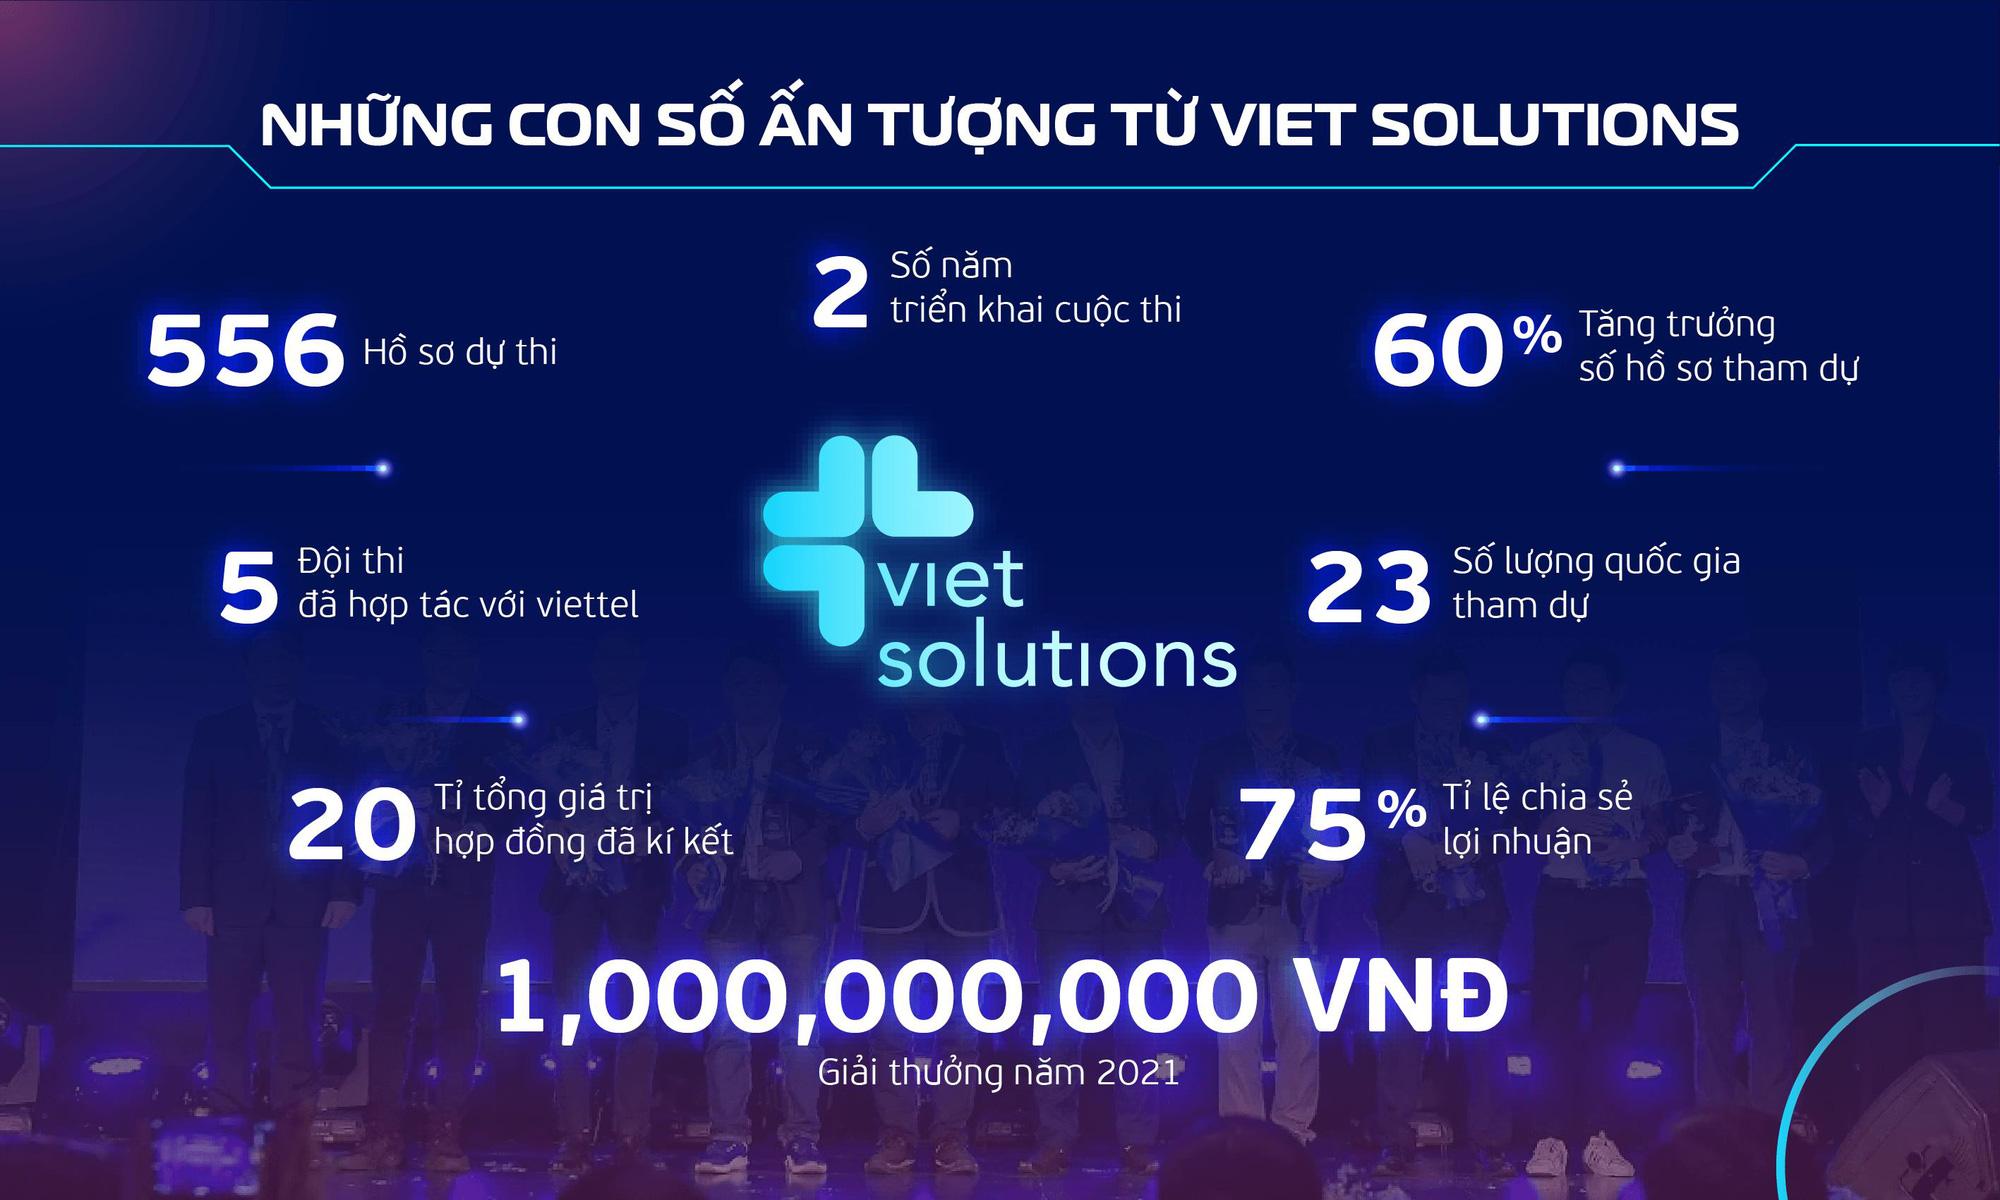 Viet Solutions 2021 - cùng cộng hưởng để kiến tạo xã hội số - Ảnh 1.